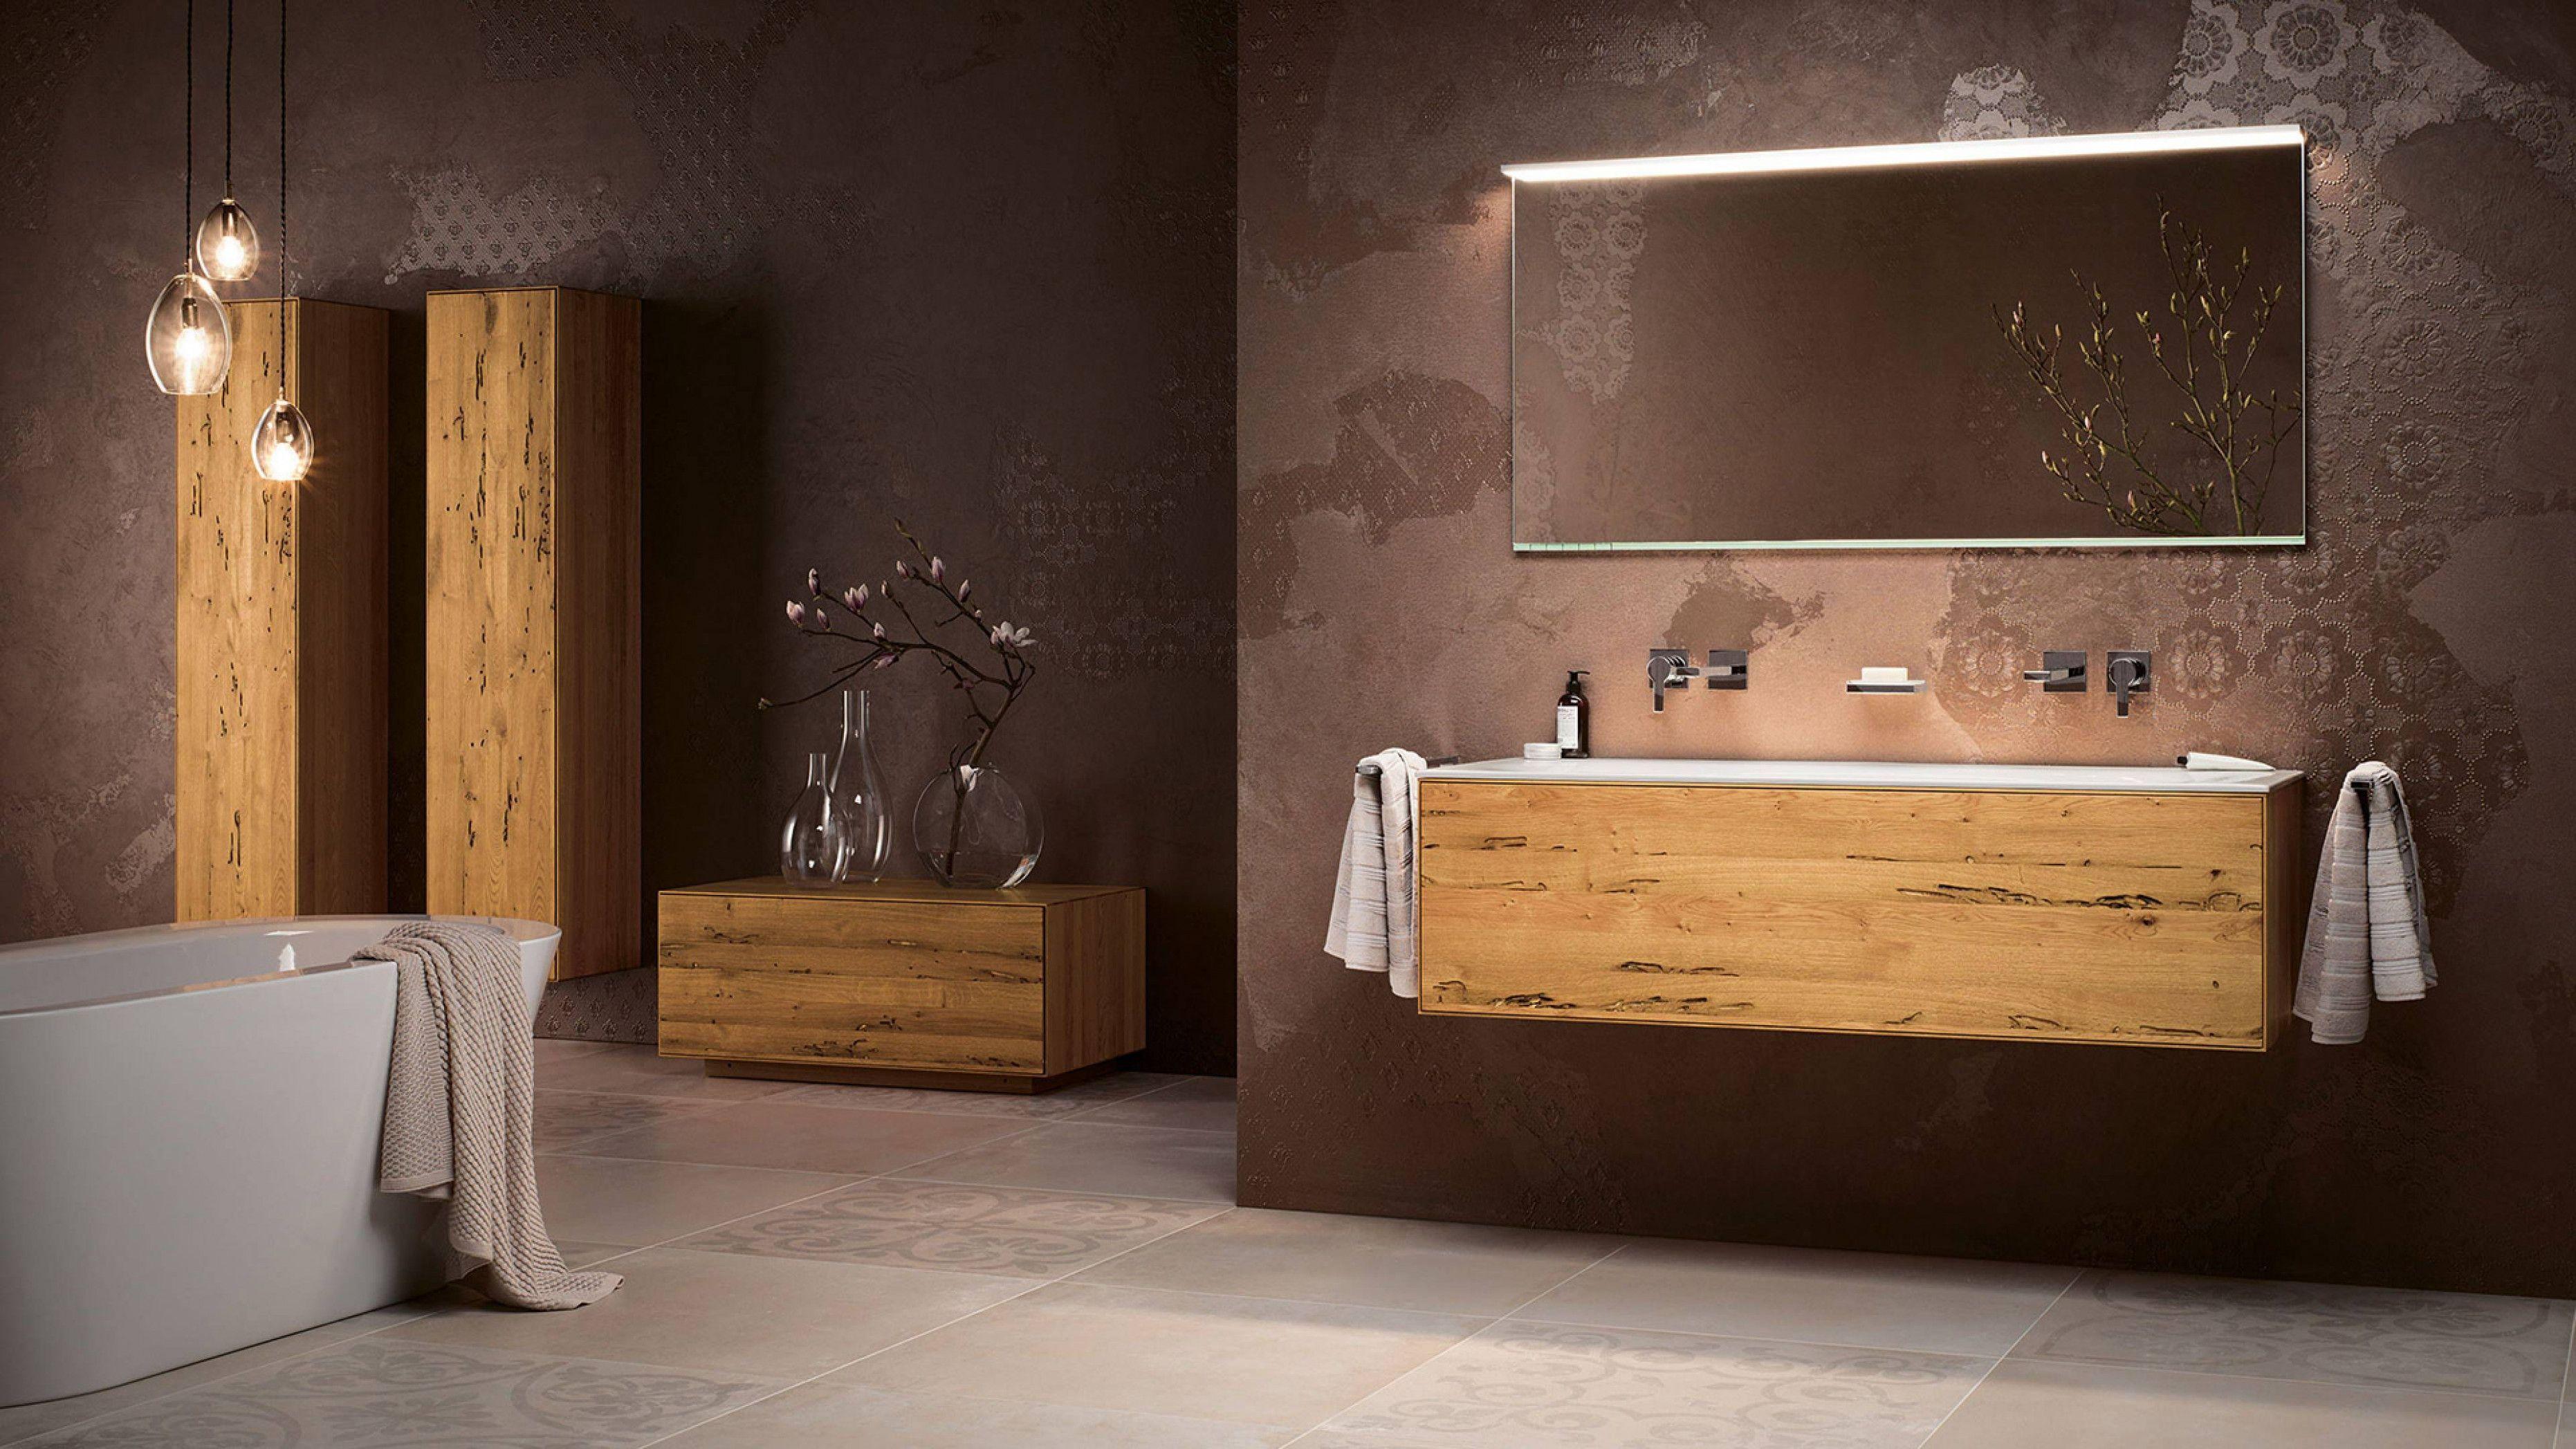 15 Einfache Regeln Von Badezimmer Mobel Keuco Badezimmer Ideen House Interior Lighted Bathroom Mirror Decor Styles